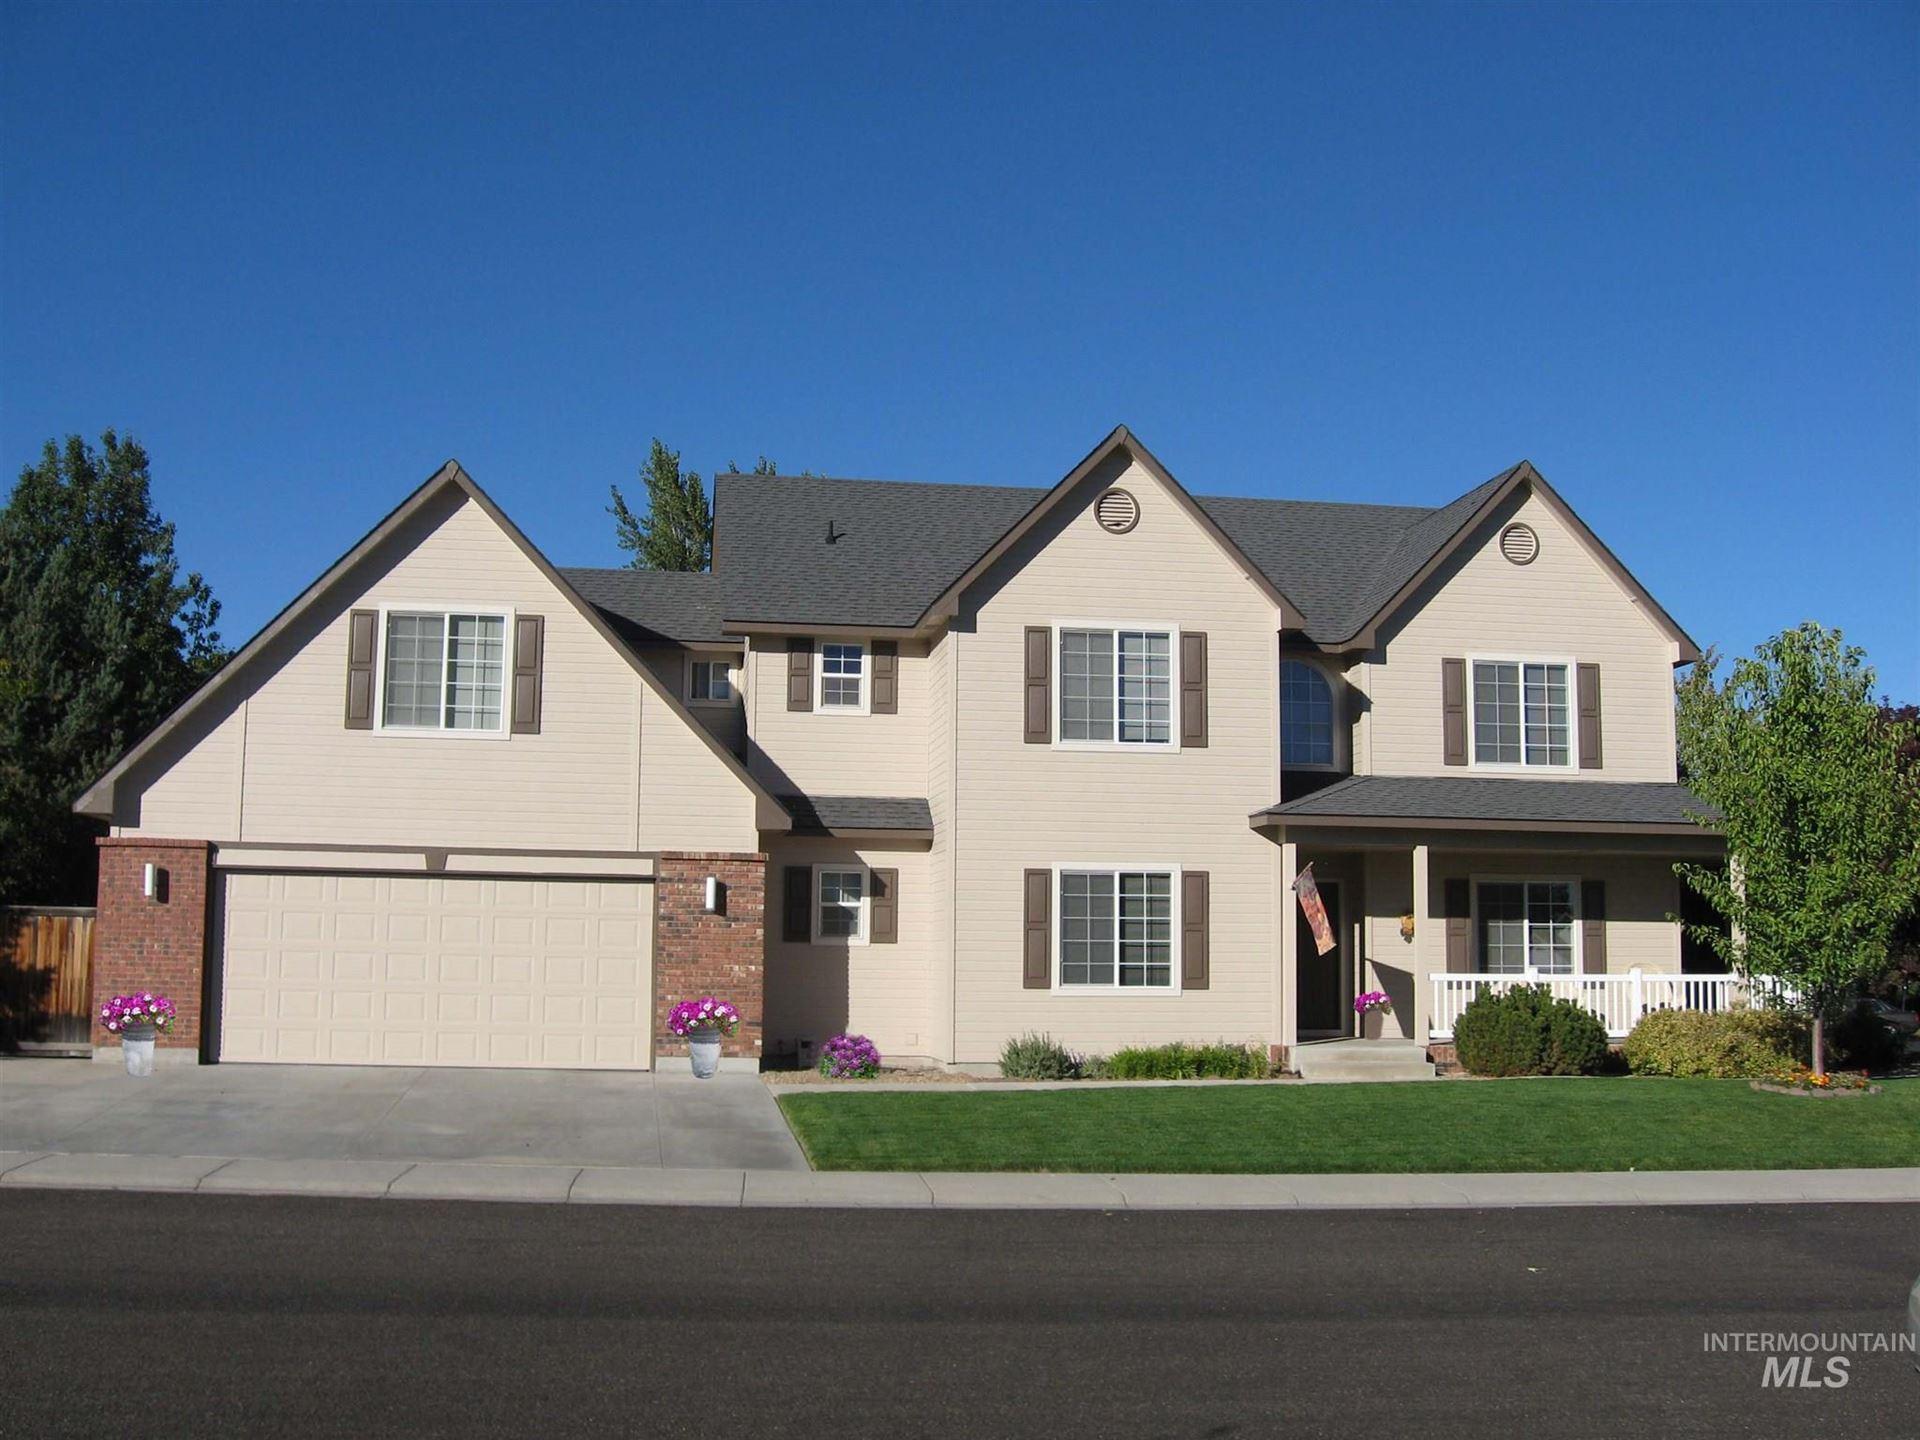 1048 N Torrey Pines Ave, Eagle, ID 83616 - MLS#: 98766234